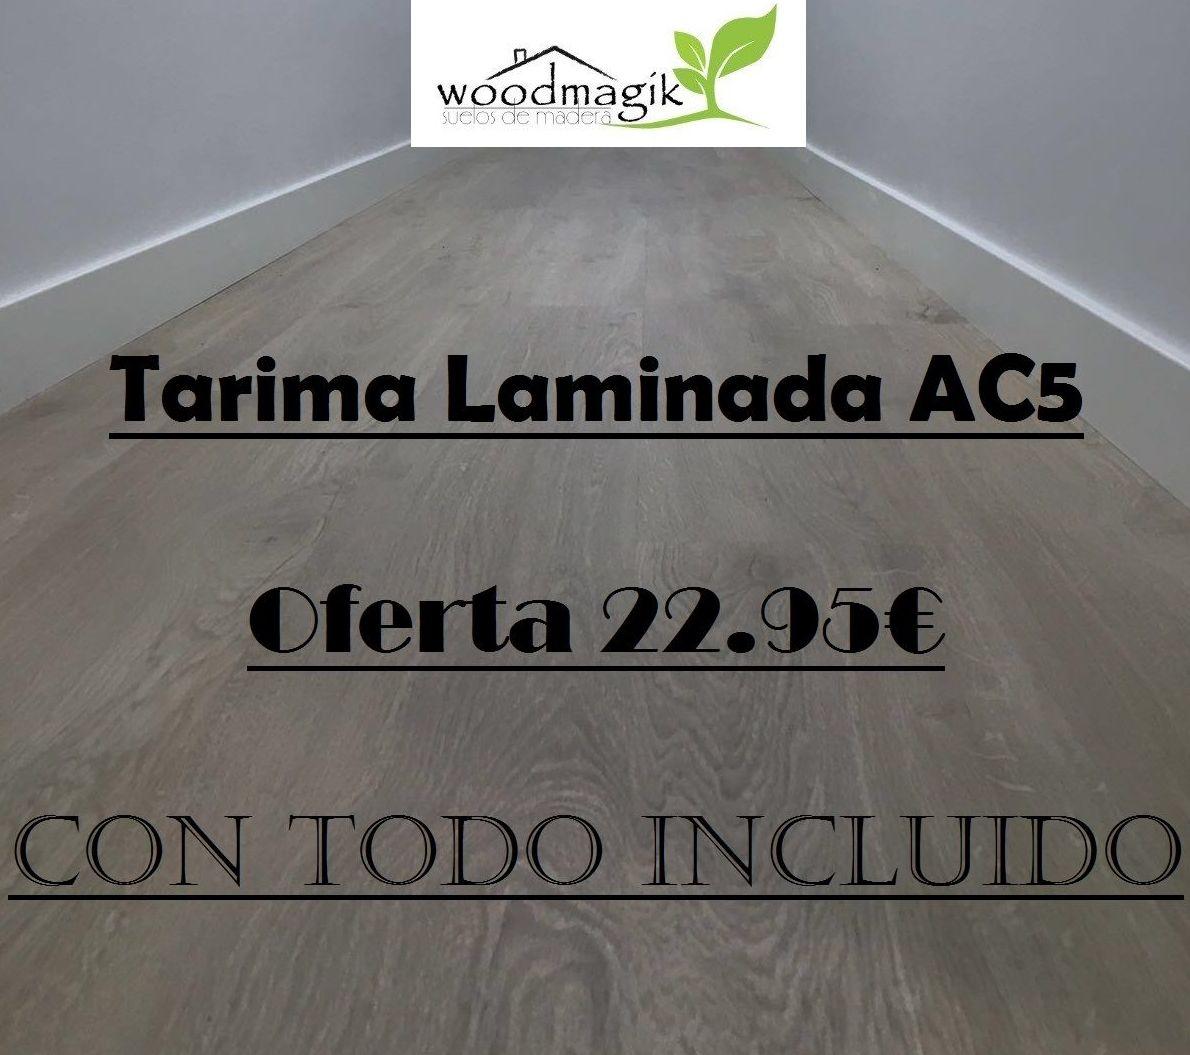 oferta de r¡tarima laminada en Torrejón de Velasco, Torrejón de la Calzada, Aranjuez y Ciempozuelos